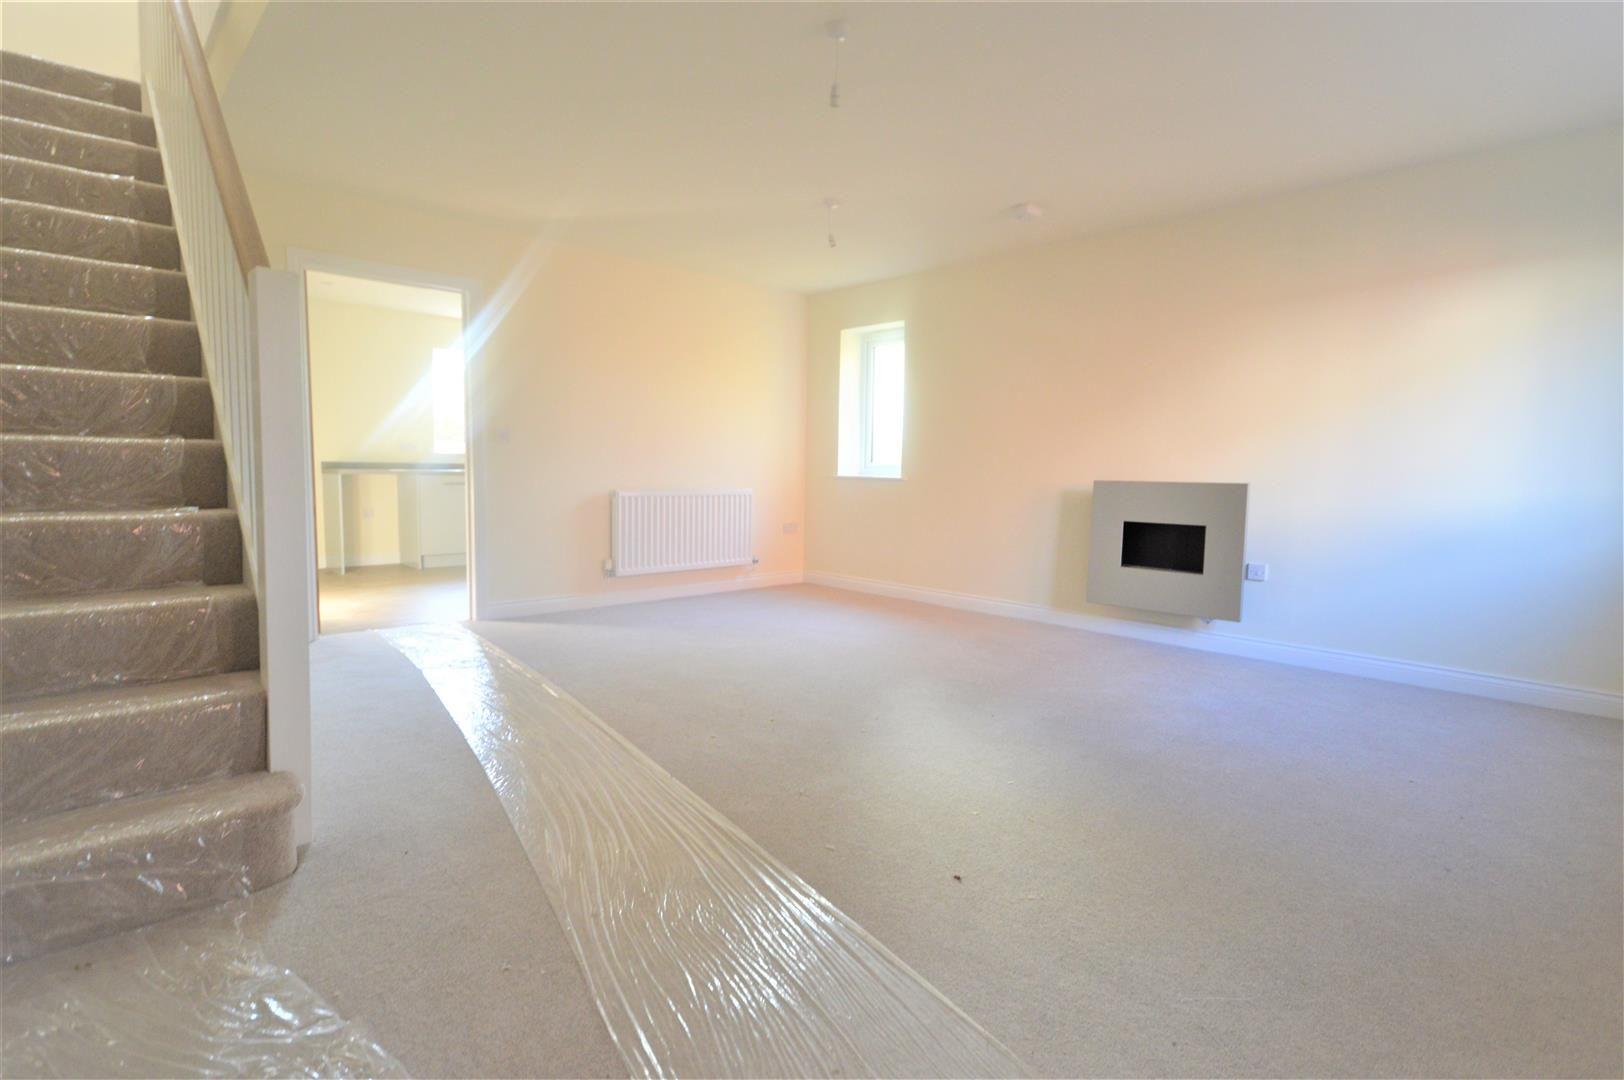 3 bed semi-detached for sale in Kingsland  - Property Image 2